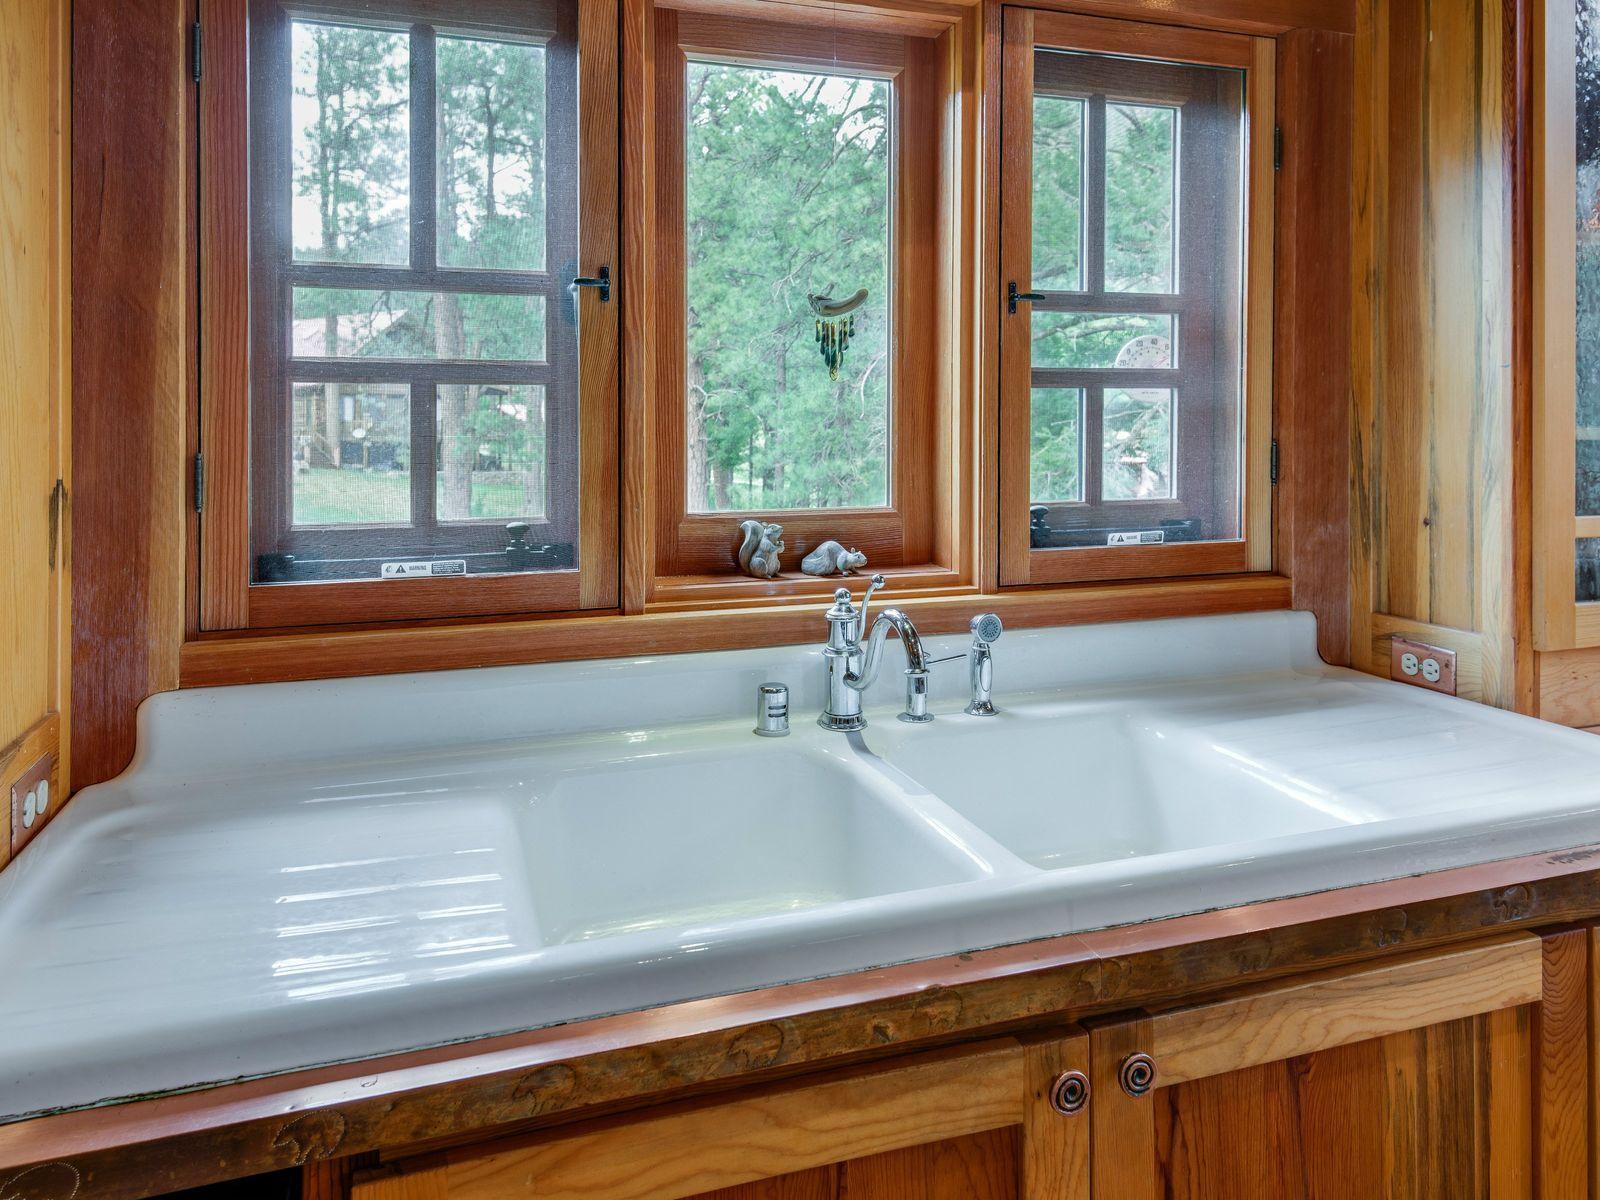 Rustic Reclaimed Log Cabin